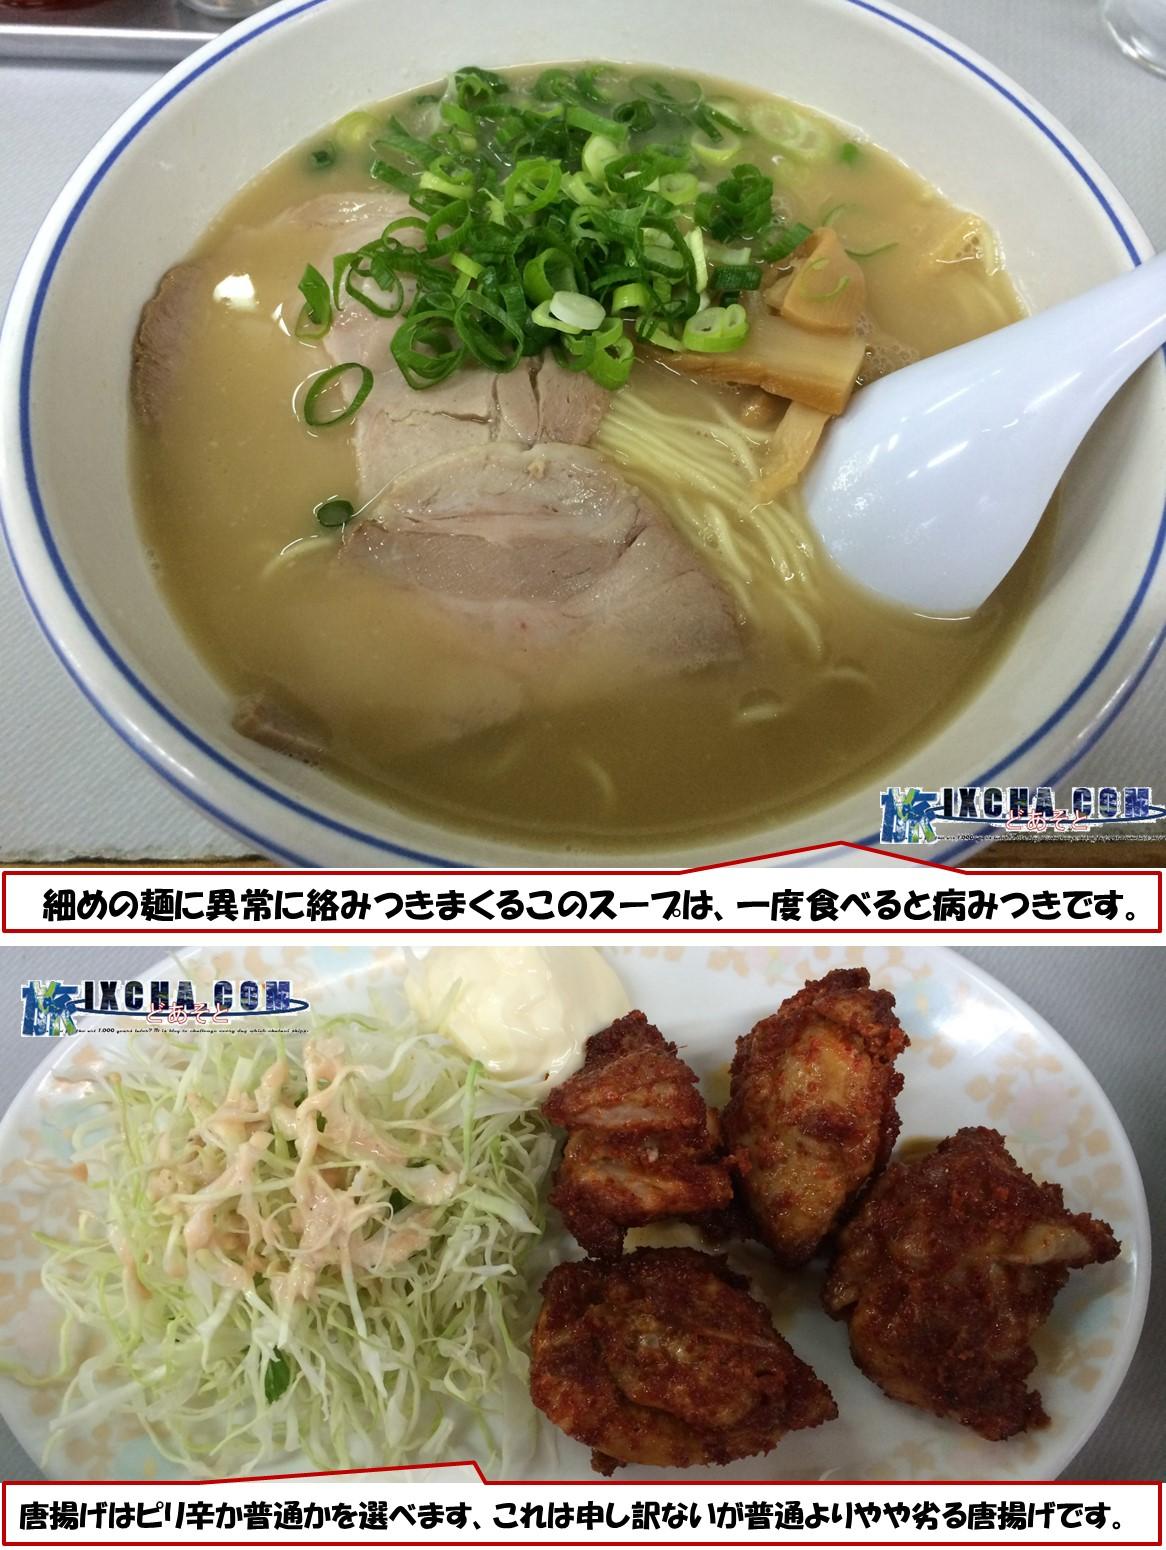 細めの麺に異常に絡みつきまくるこのスープは、一度食べると病みつきです。 唐揚げはピリ辛か普通かを選べます、これは申し訳ないが普通よりやや劣る唐揚げです。